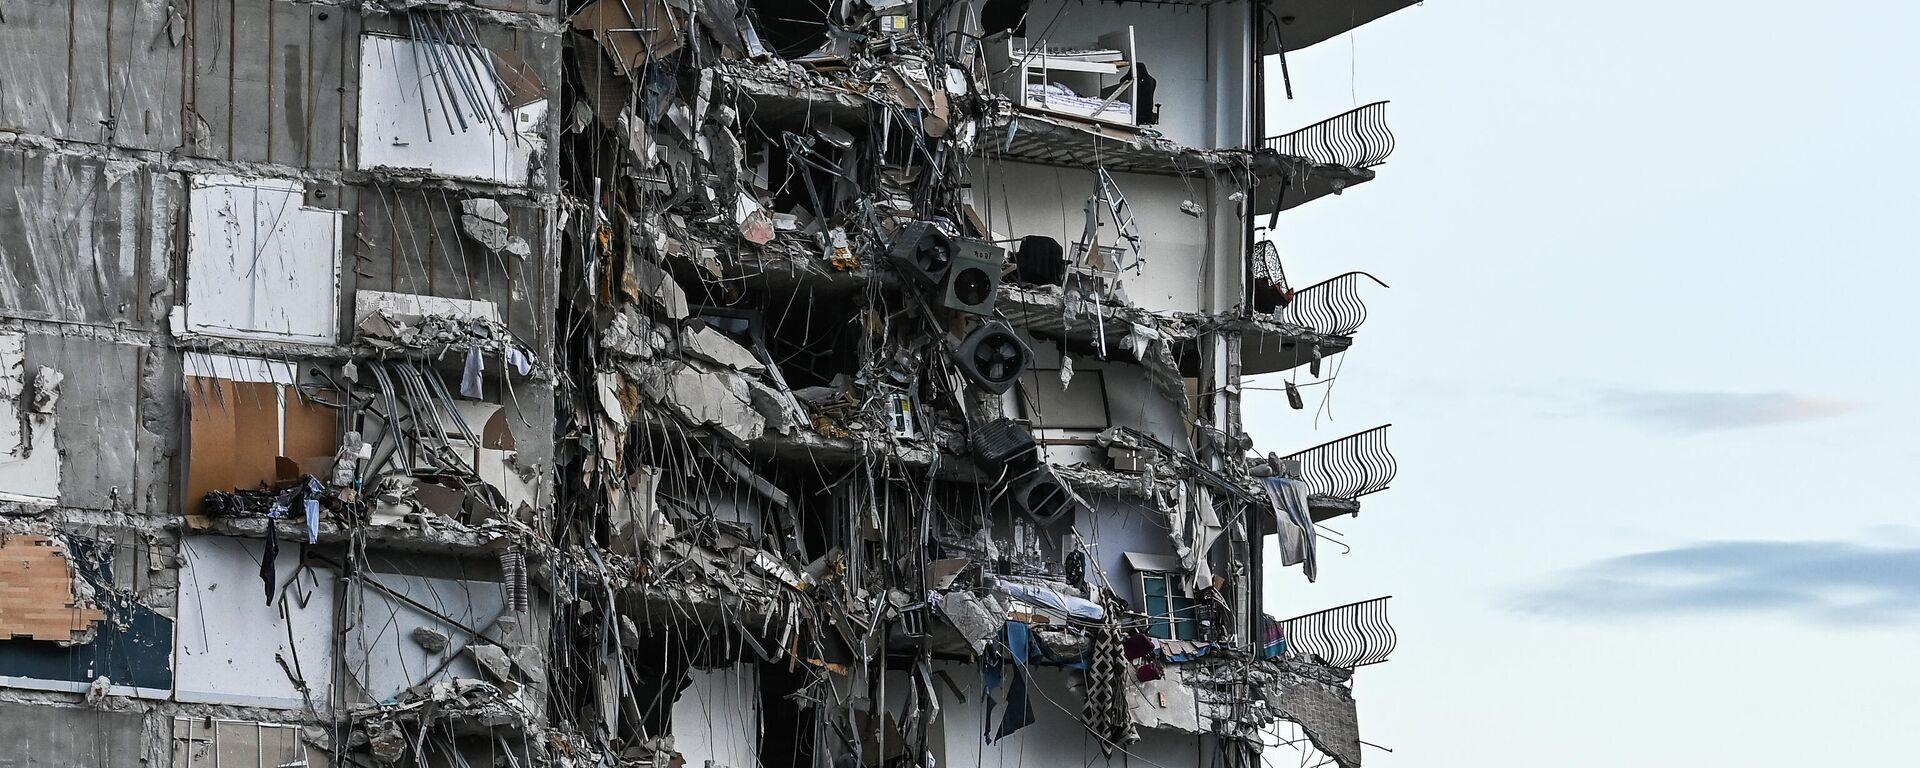 Parte del condominio colapsado en Miami el 24 de junio, 2021 - Sputnik Mundo, 1920, 01.07.2021